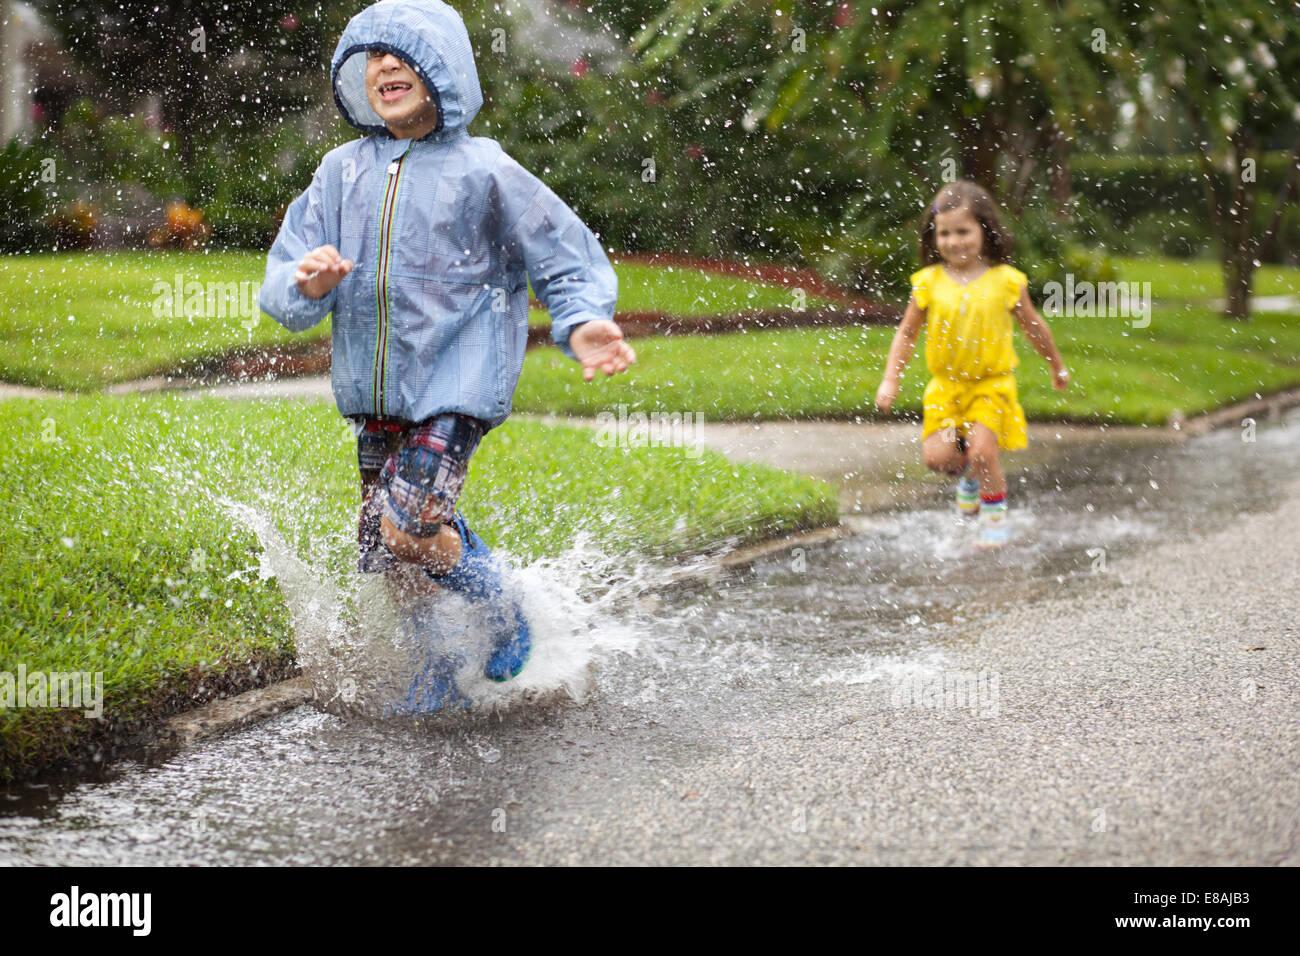 Ragazzo e sorella di indossare stivali di gomma in esecuzione e sguazzare nella pozza di pioggia Immagini Stock